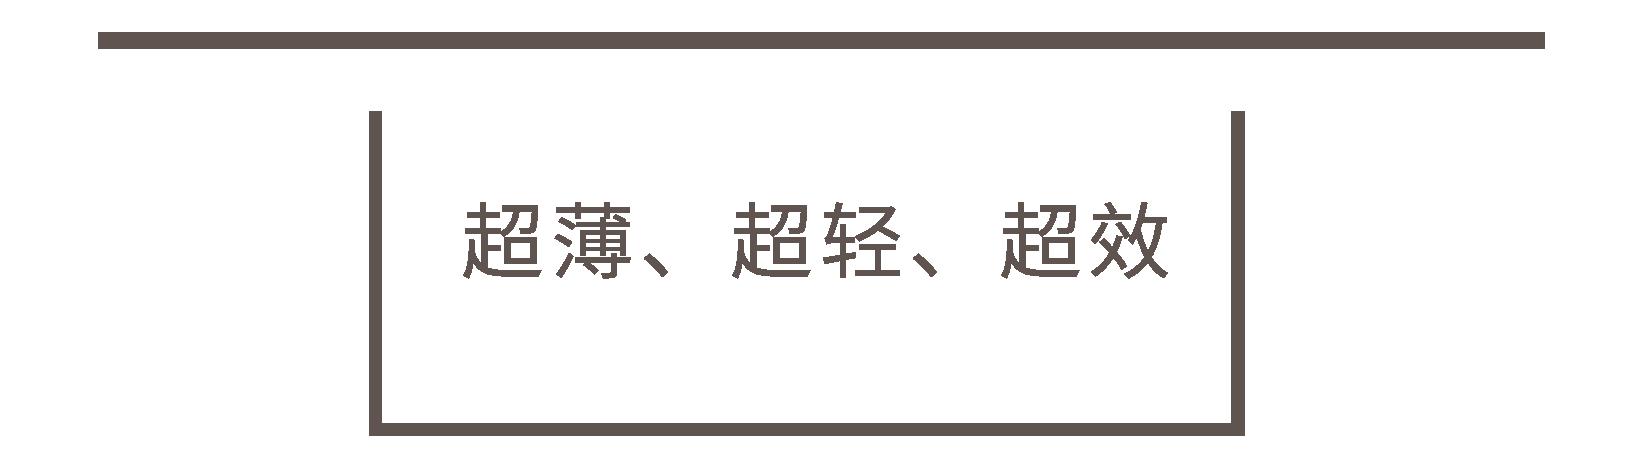 产品banner设计-18